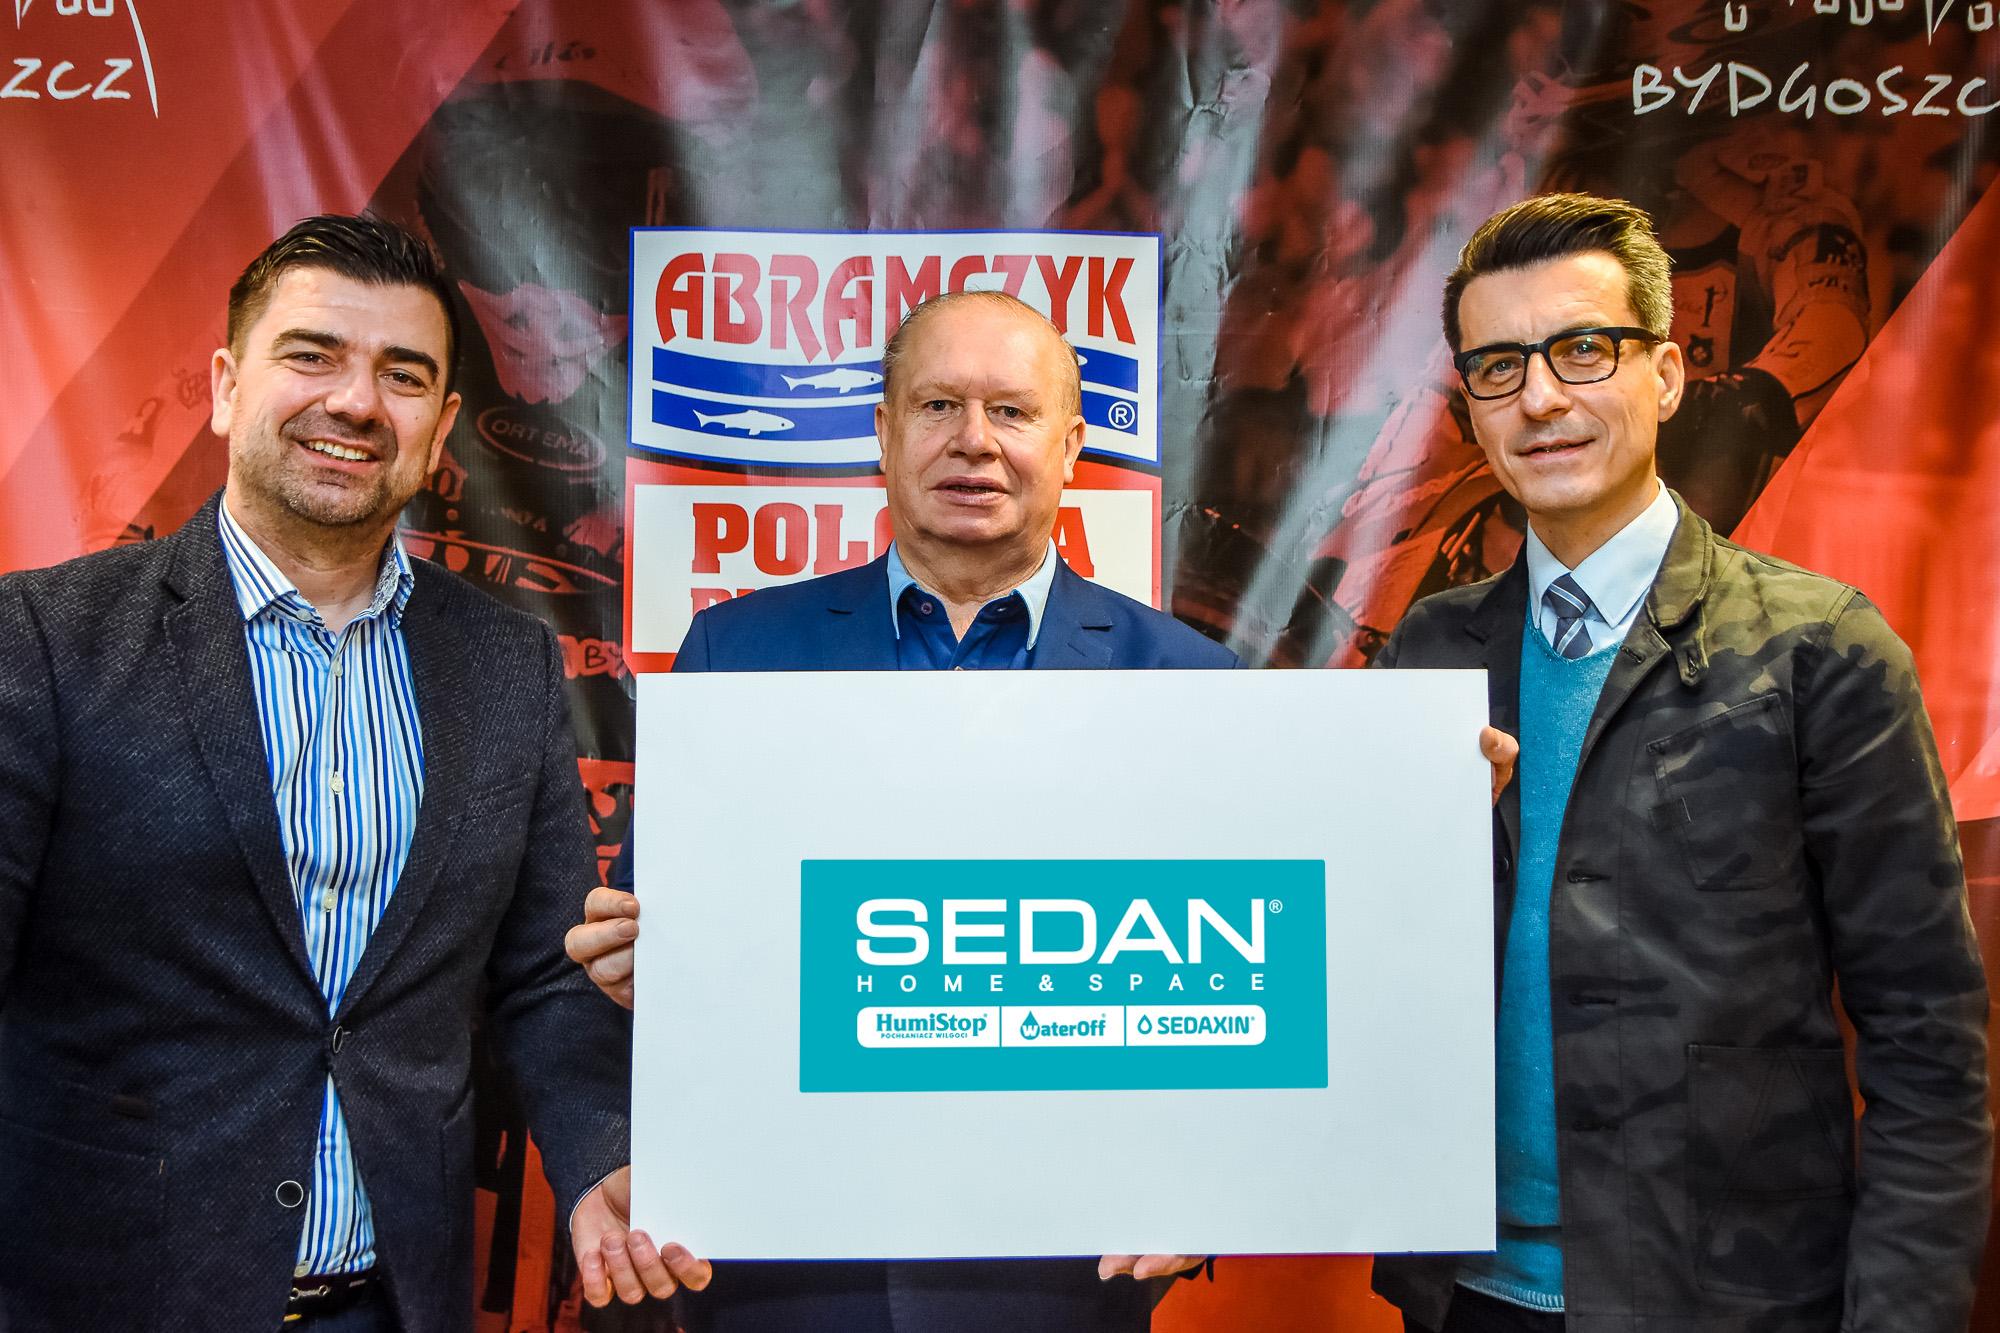 SEDAN-9515